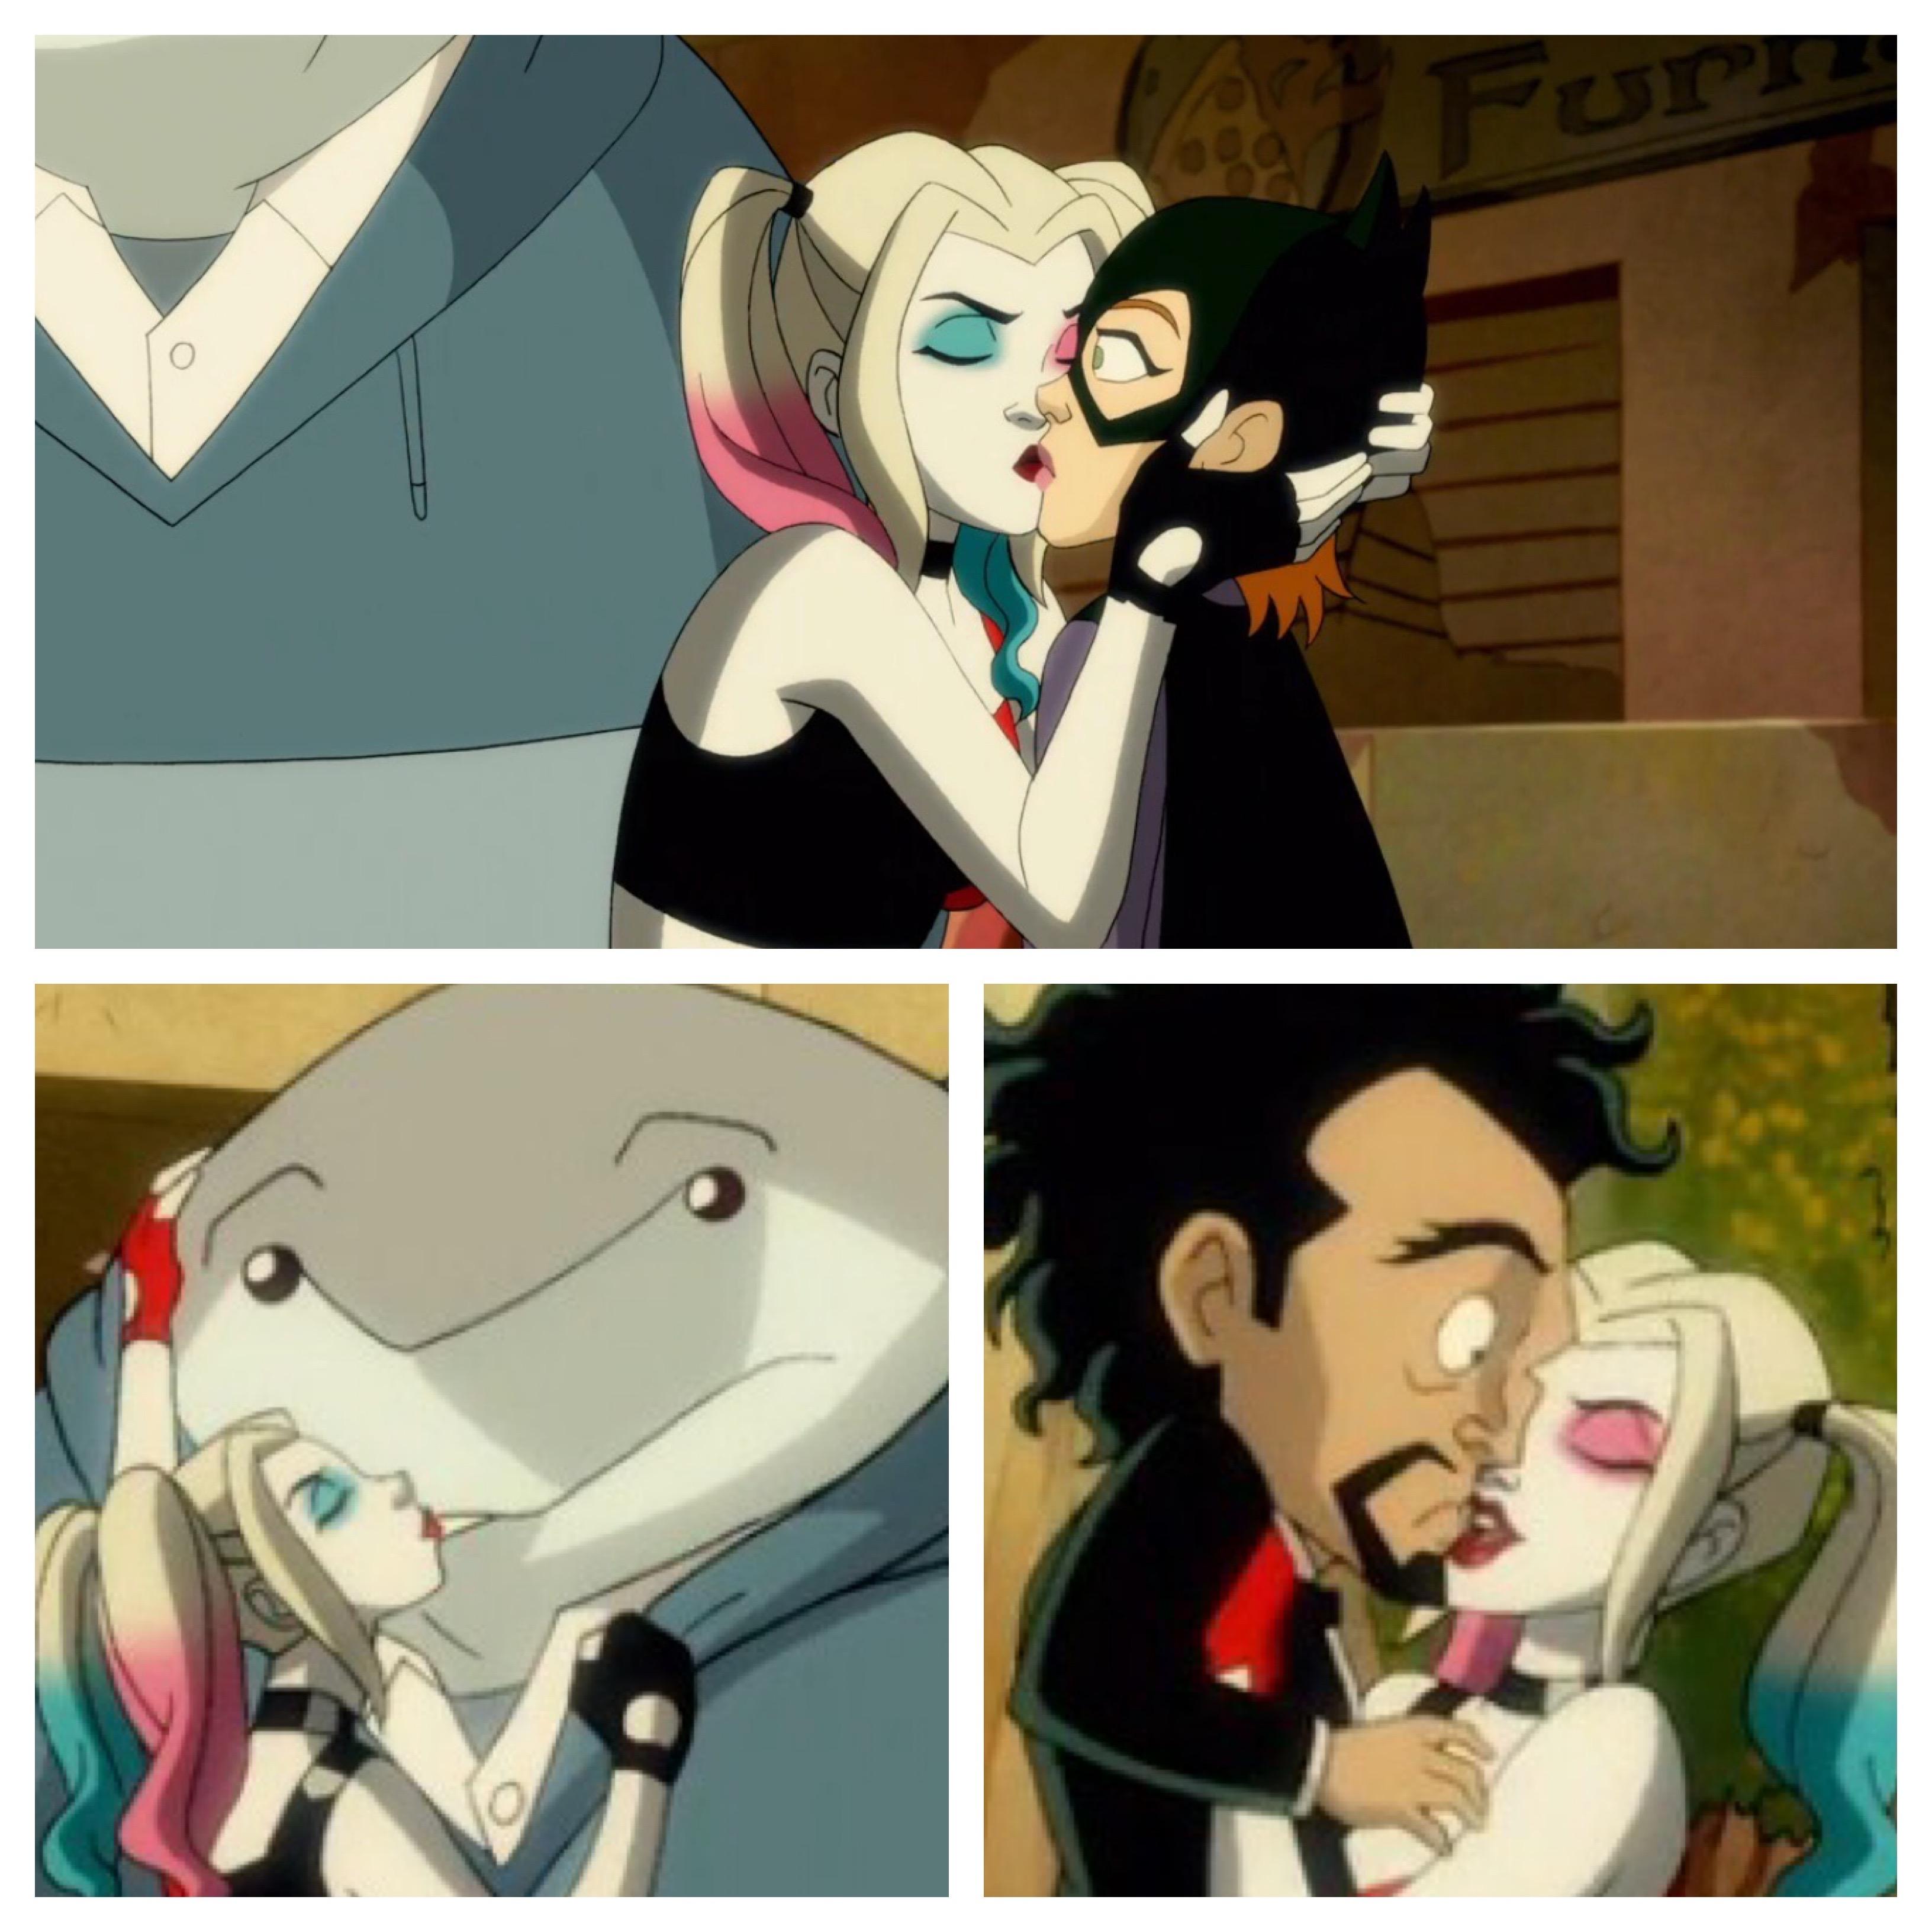 Harley-Kissing-Rampage.JPG